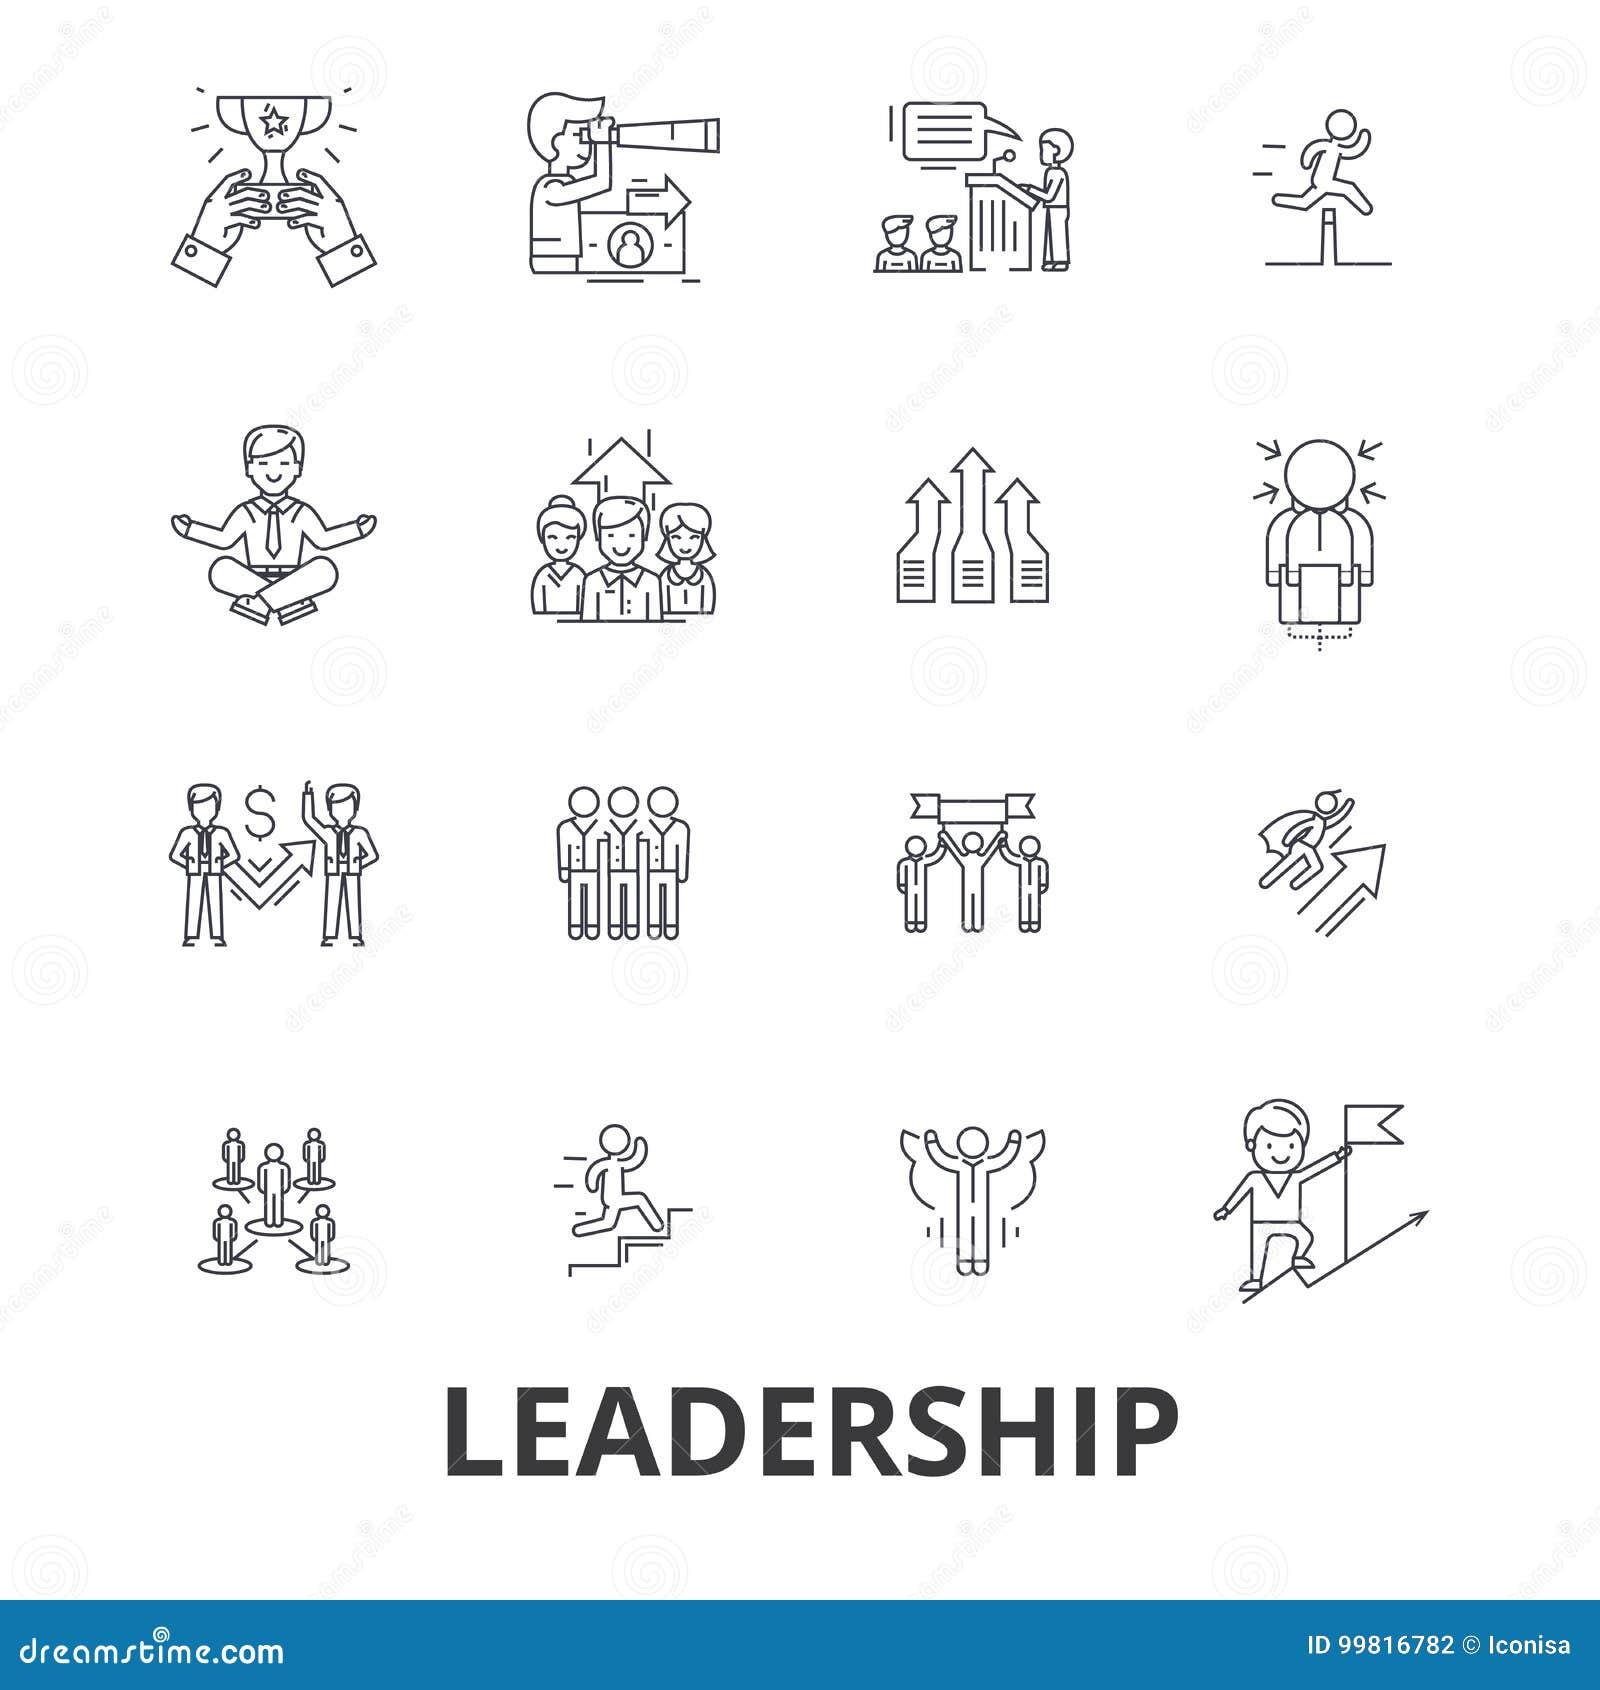 Ηγεσία, ηγέτης, διαχείριση, ομαδική εργασία, μόλυβδος, ανάπτυξη, επιτυχία, εικονίδια γραμμών καινοτομίας Κτυπήματα Editable επίπε